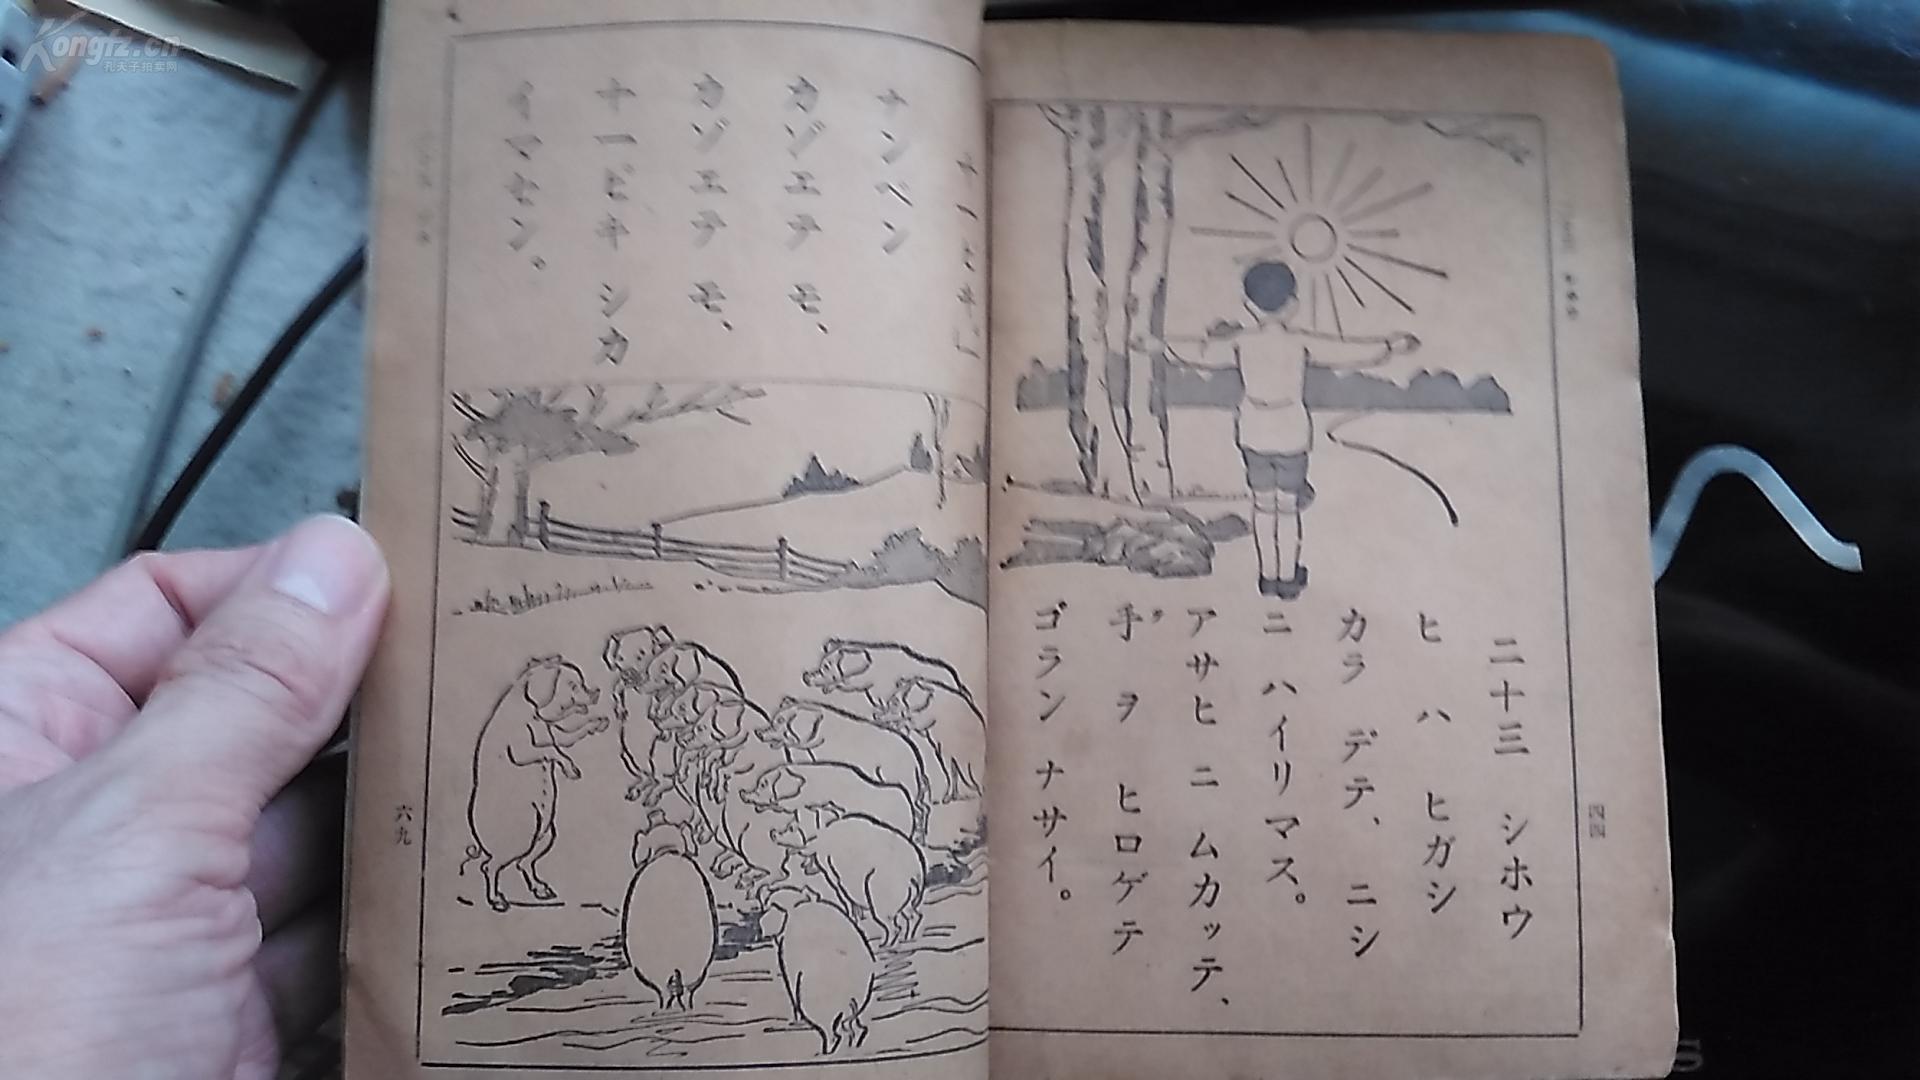 民国28年侵华时期课本《小学日本语读本》卷